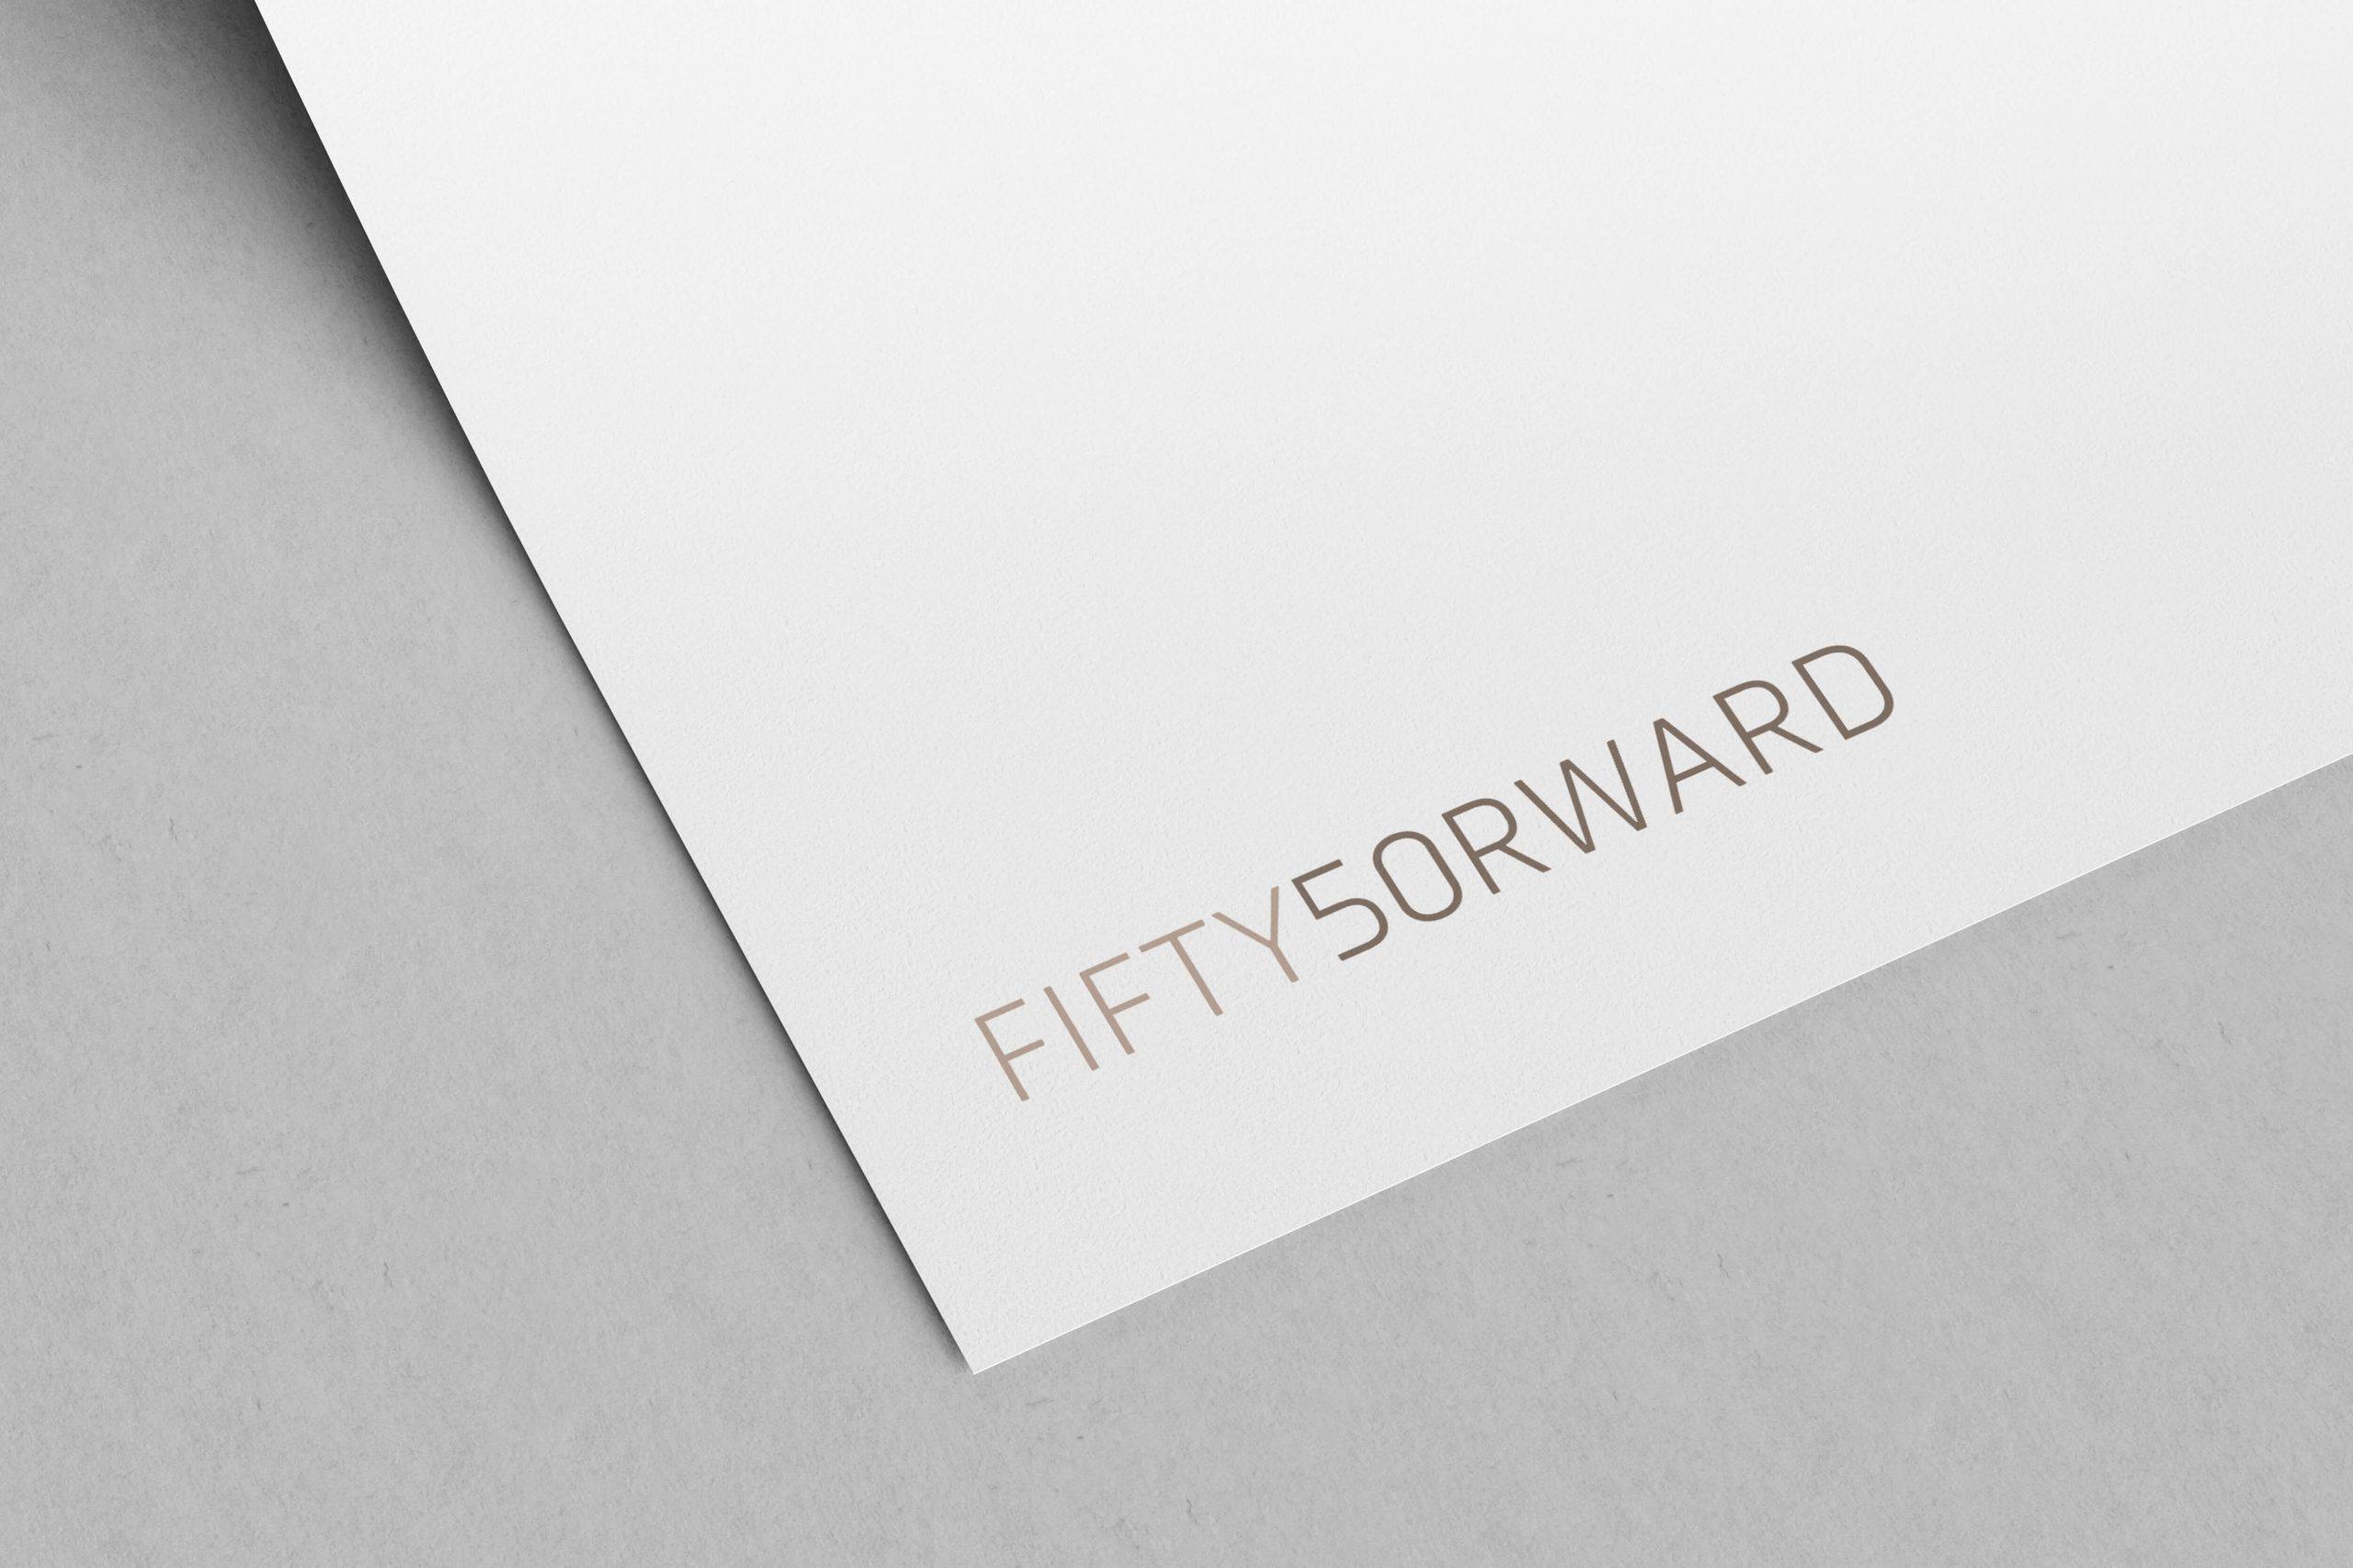 Fiftyforward logo plassert på brevpapir